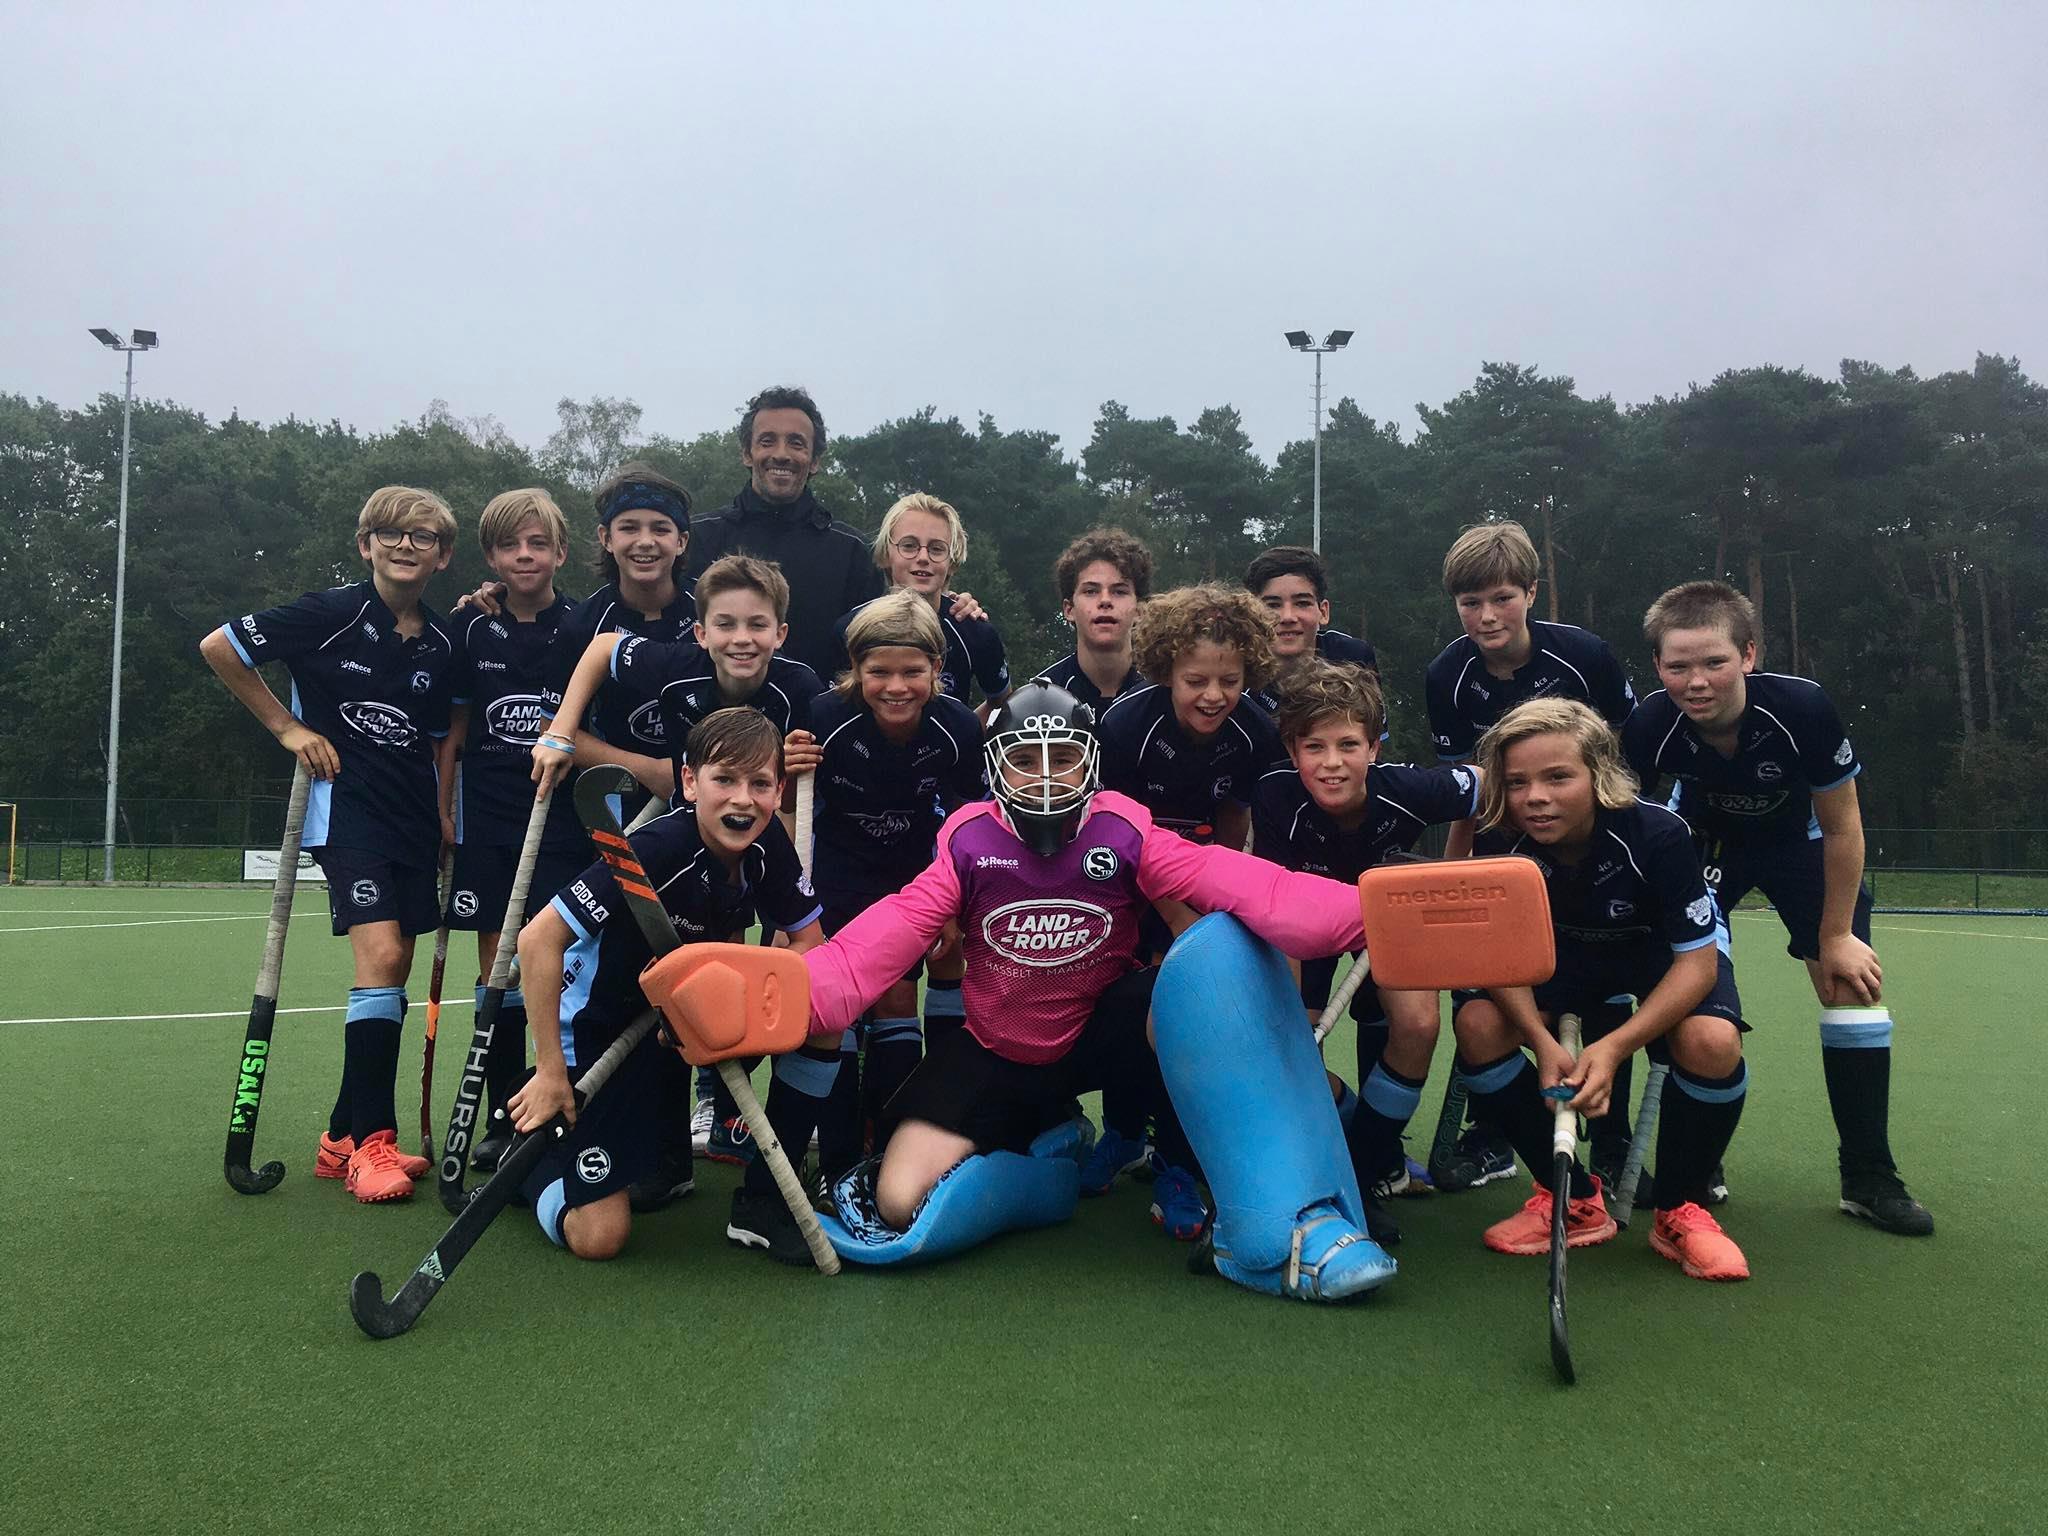 De U14 meisjes en jongens van veldhockeyclub Hasselt Stix starten goed!